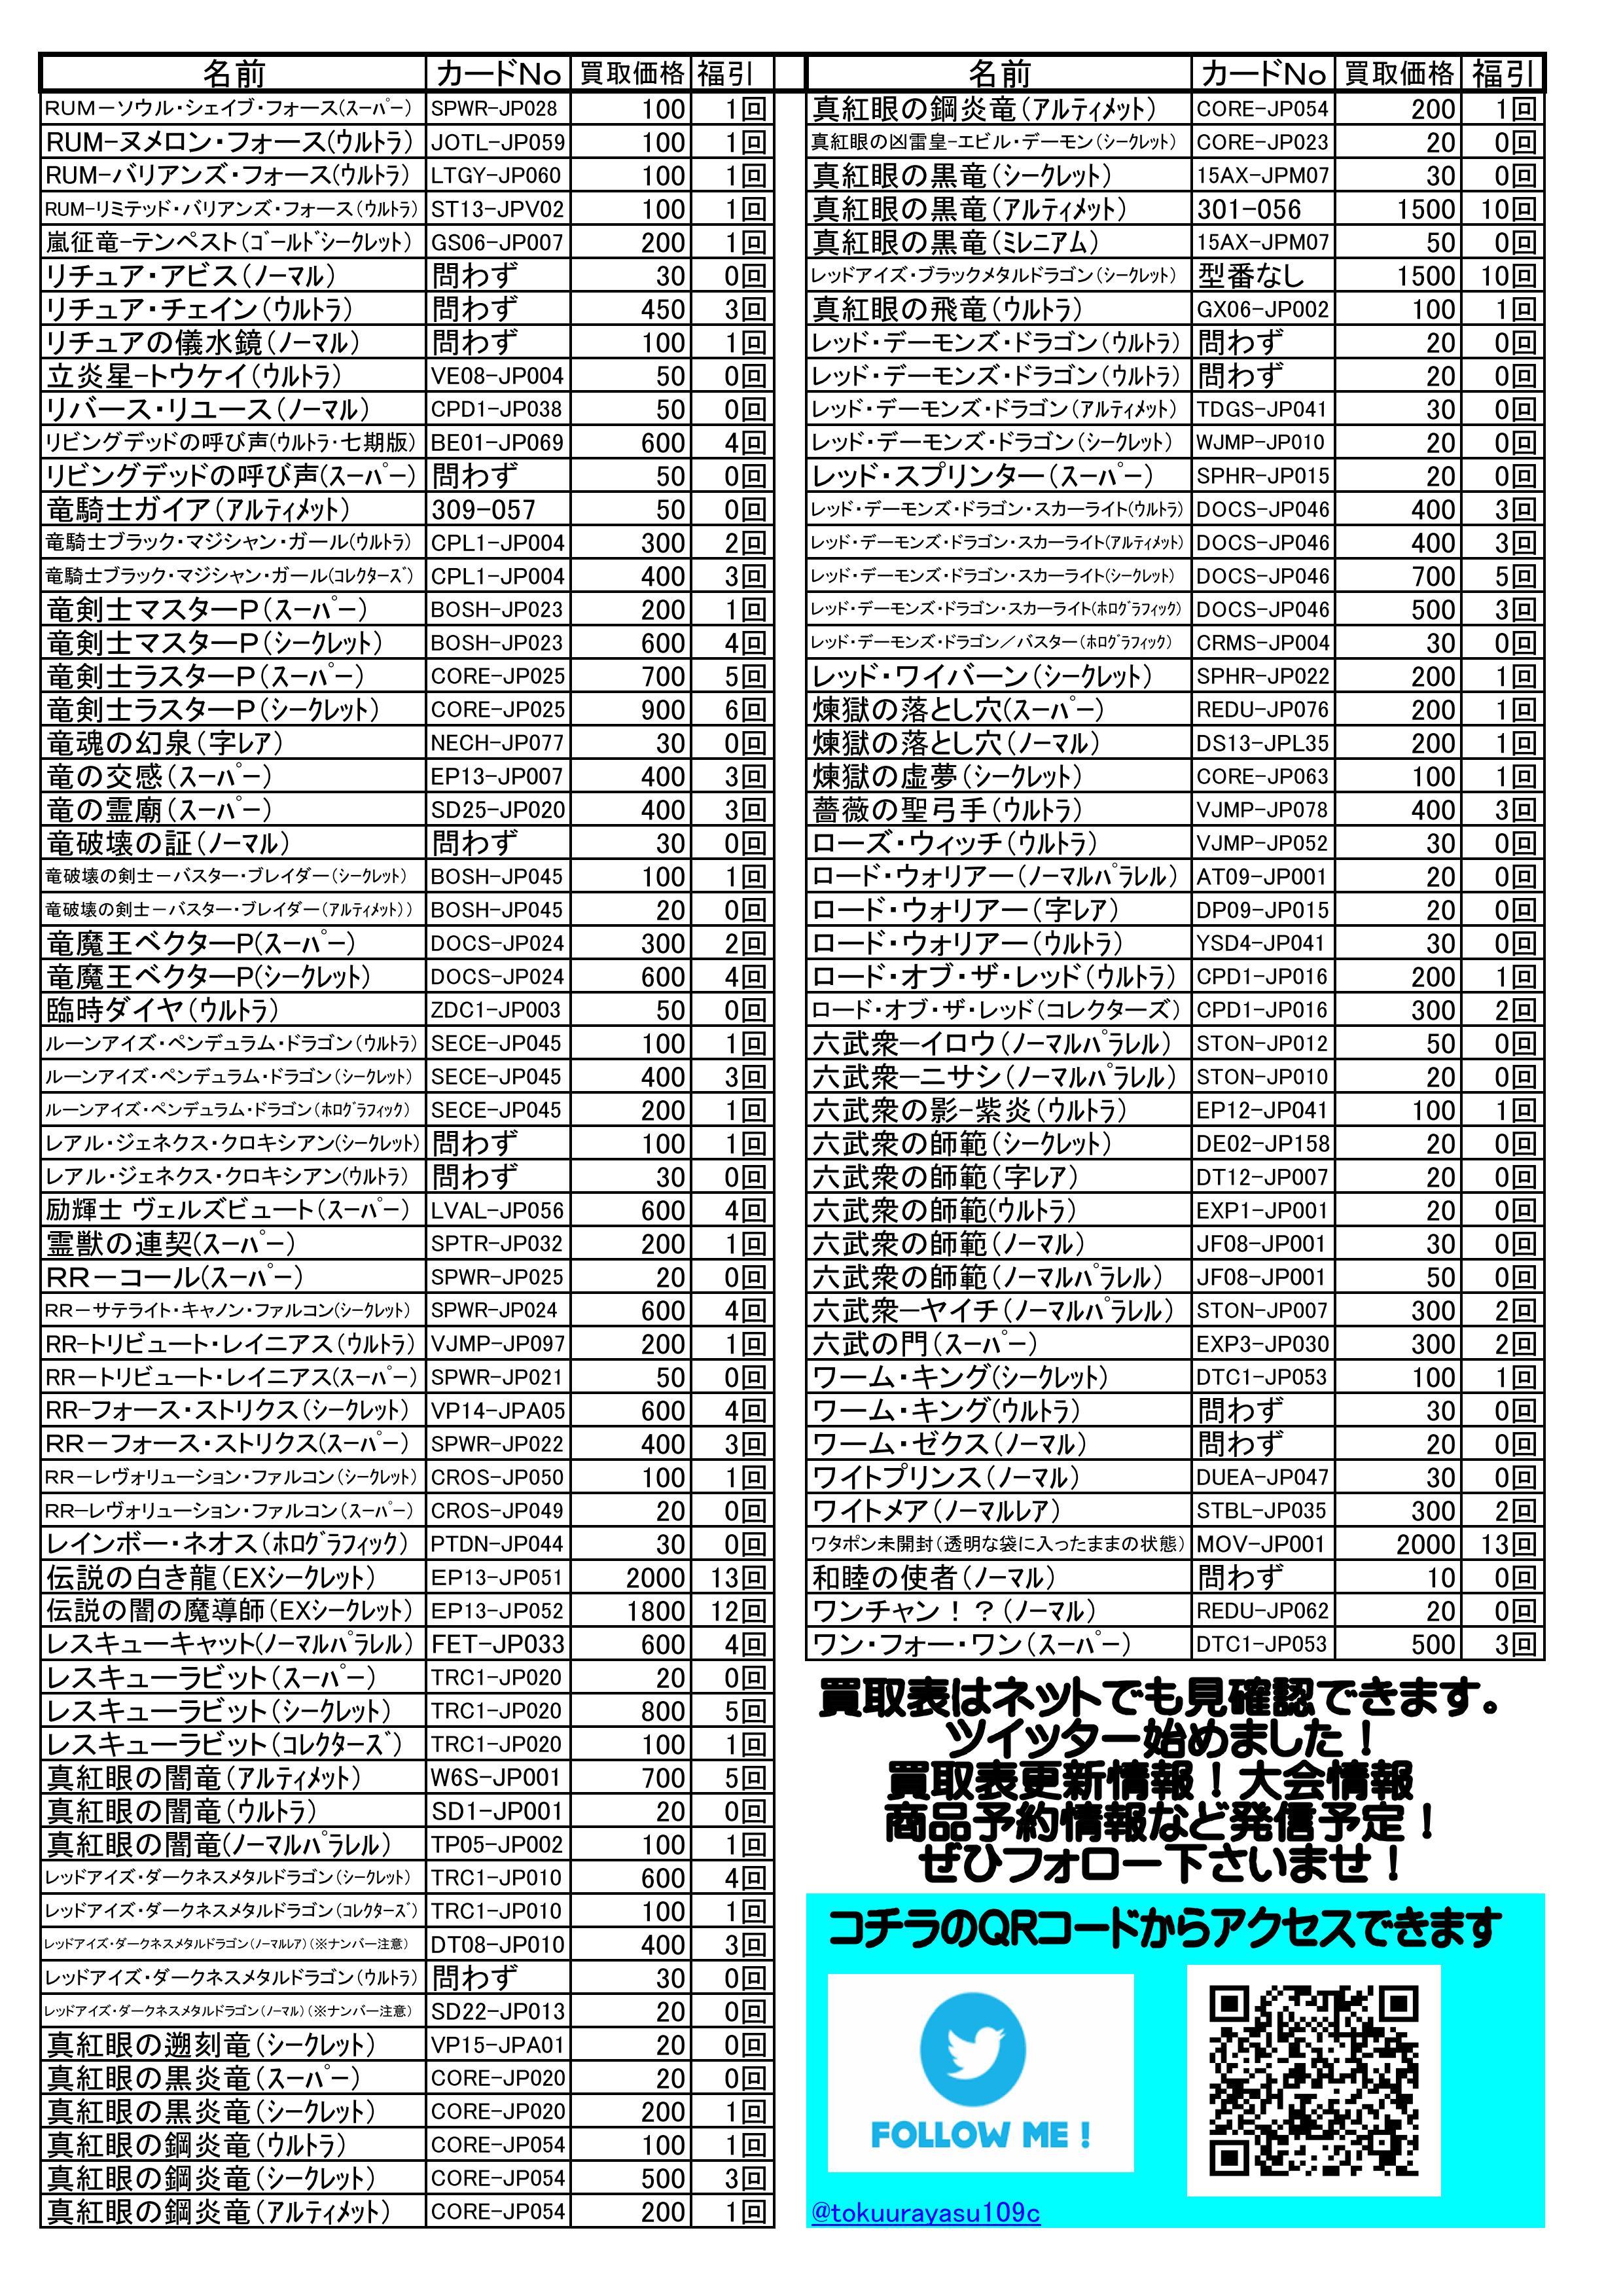 遊戯買取 新規軸版(仮)_13